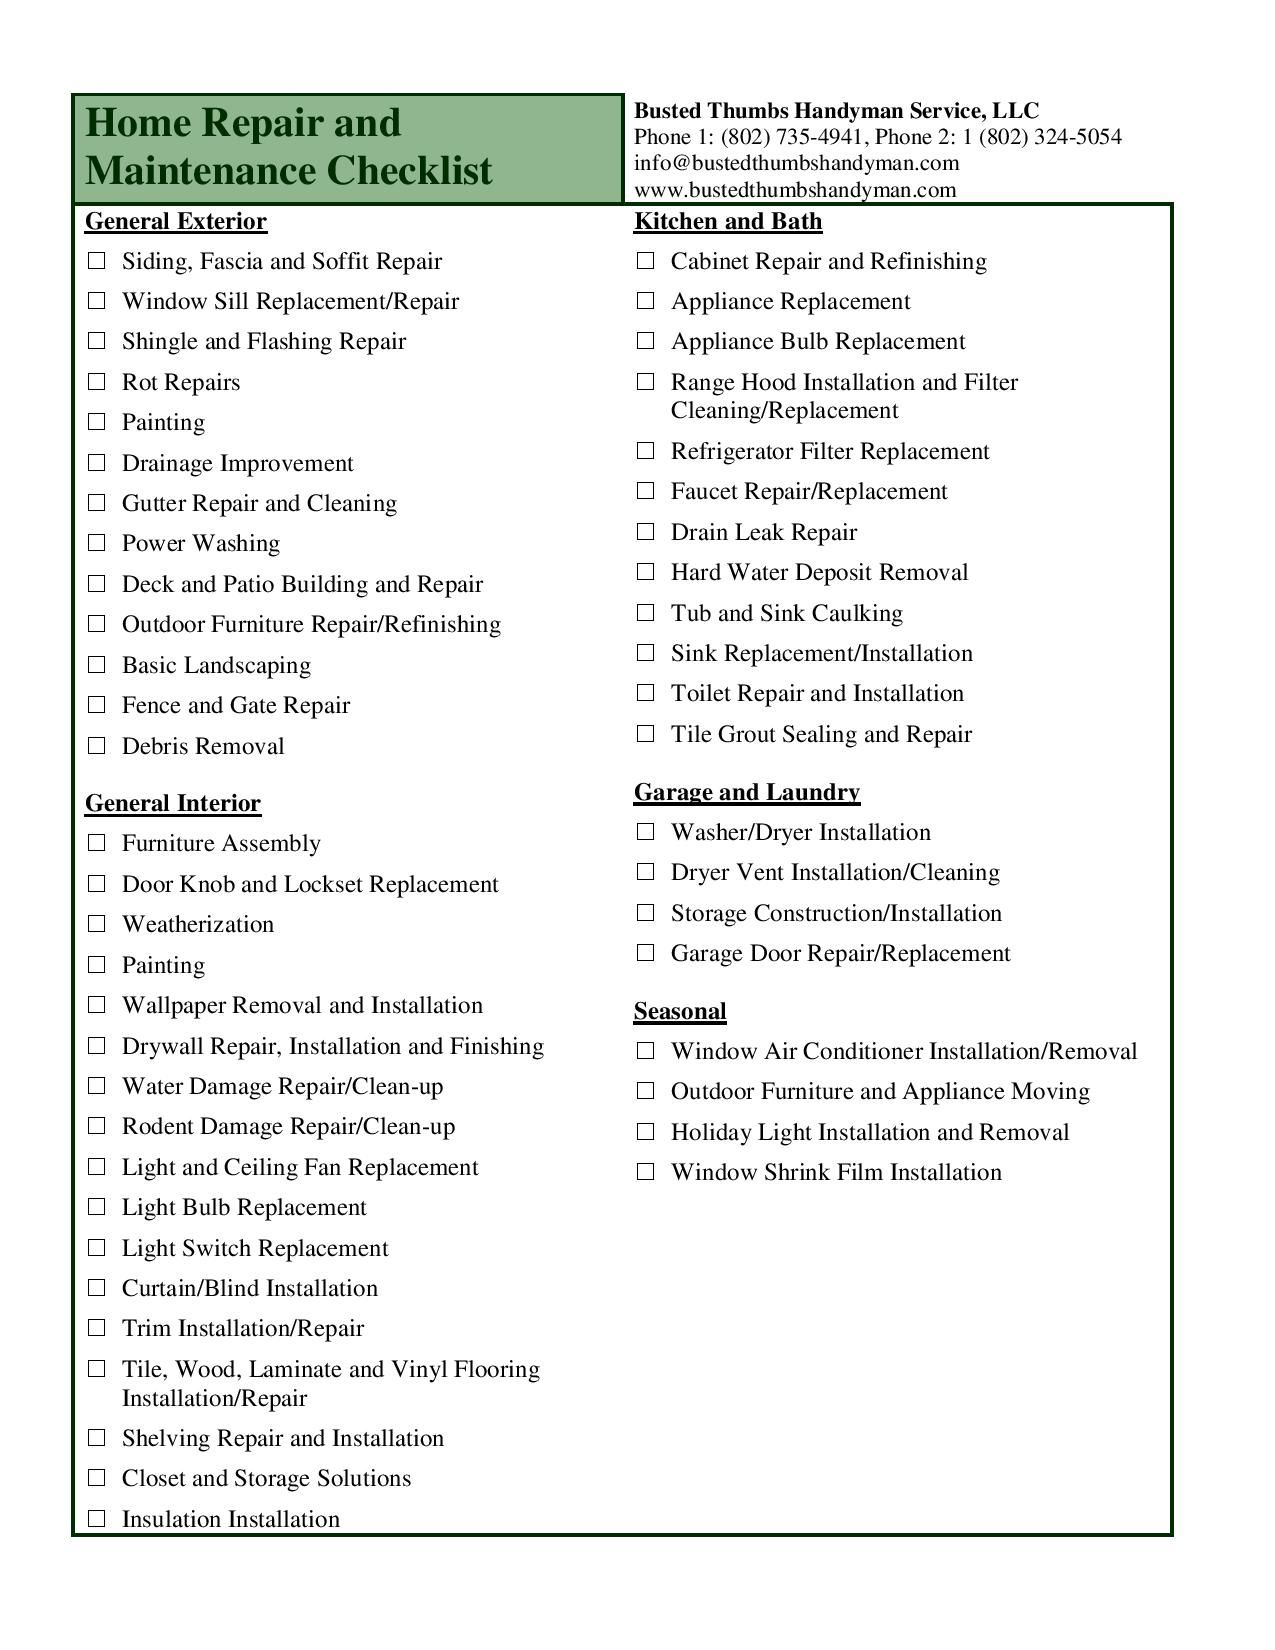 New Home Interior Design Checklist